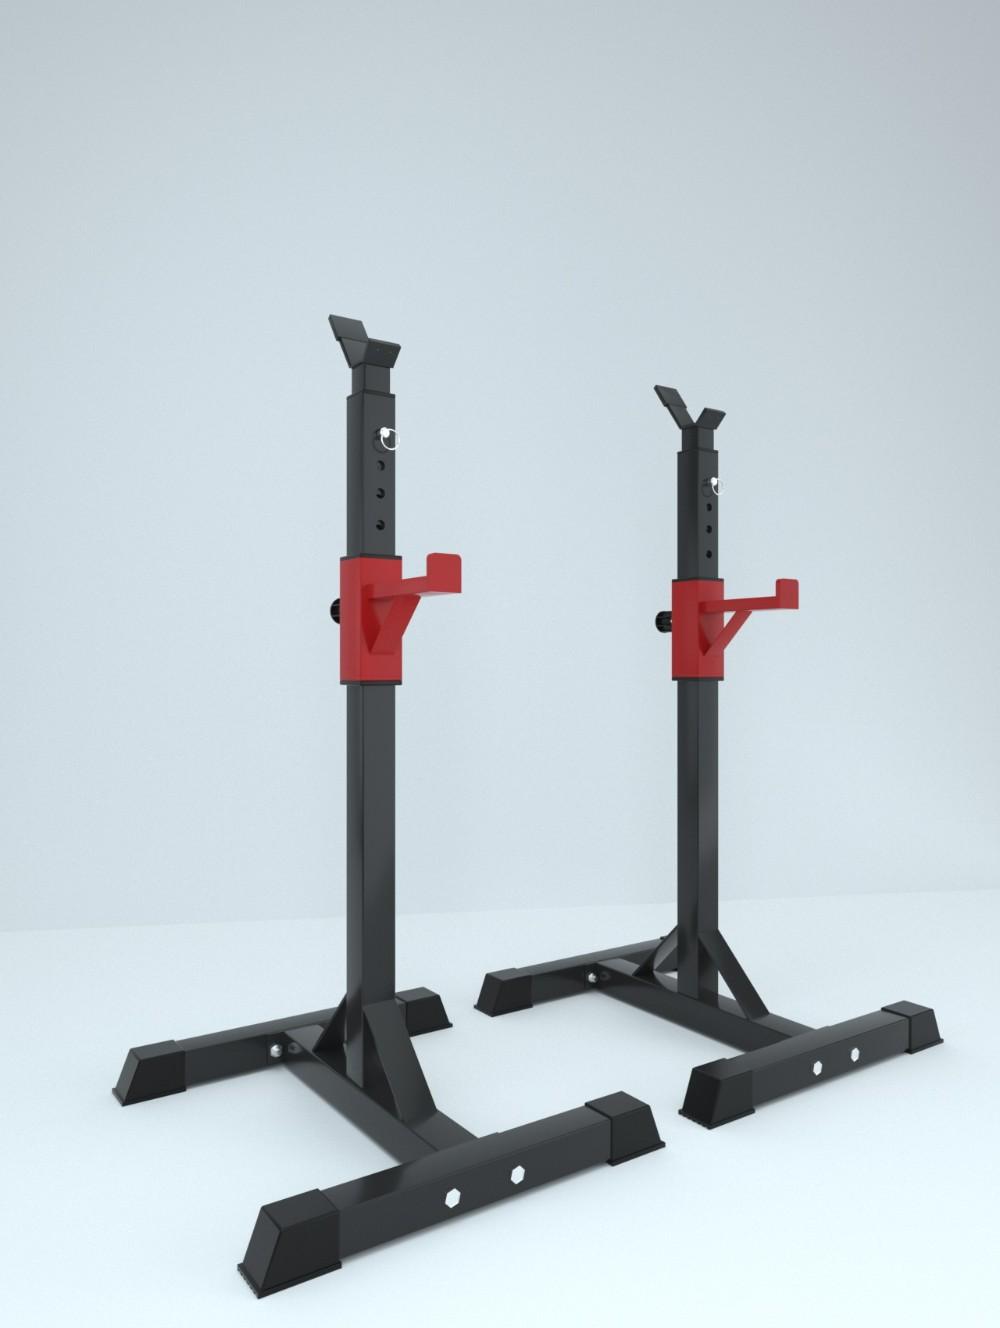 홈짐 벤치프레스 스쿼트렉 홈트레이닝 분리형 일체형 하프랙, 디퍼렌셜 스쿼트 (바벨 제외)